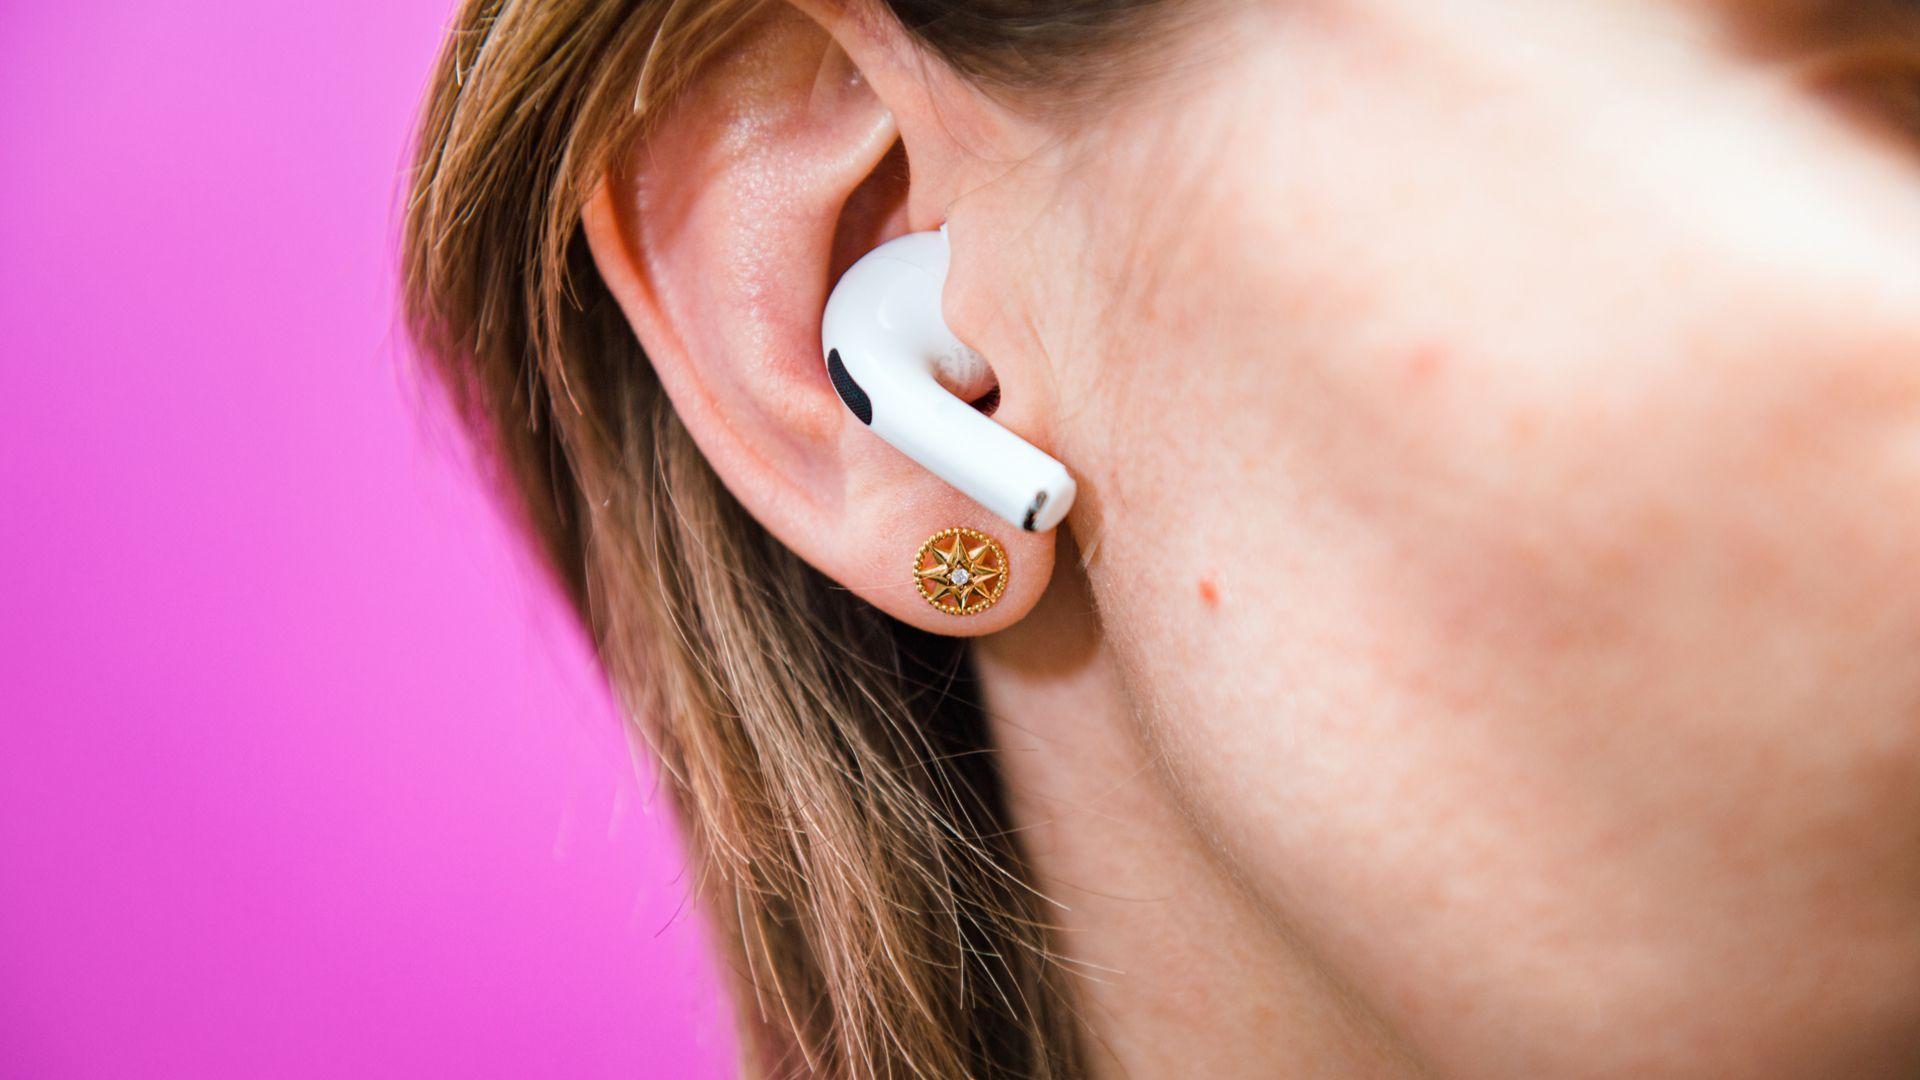 AirPods Pro, da Apple, são um exemplo de fones true wireless com cancelamento de ruído ativo. (Imagem: Hadrian/Shutterstock)